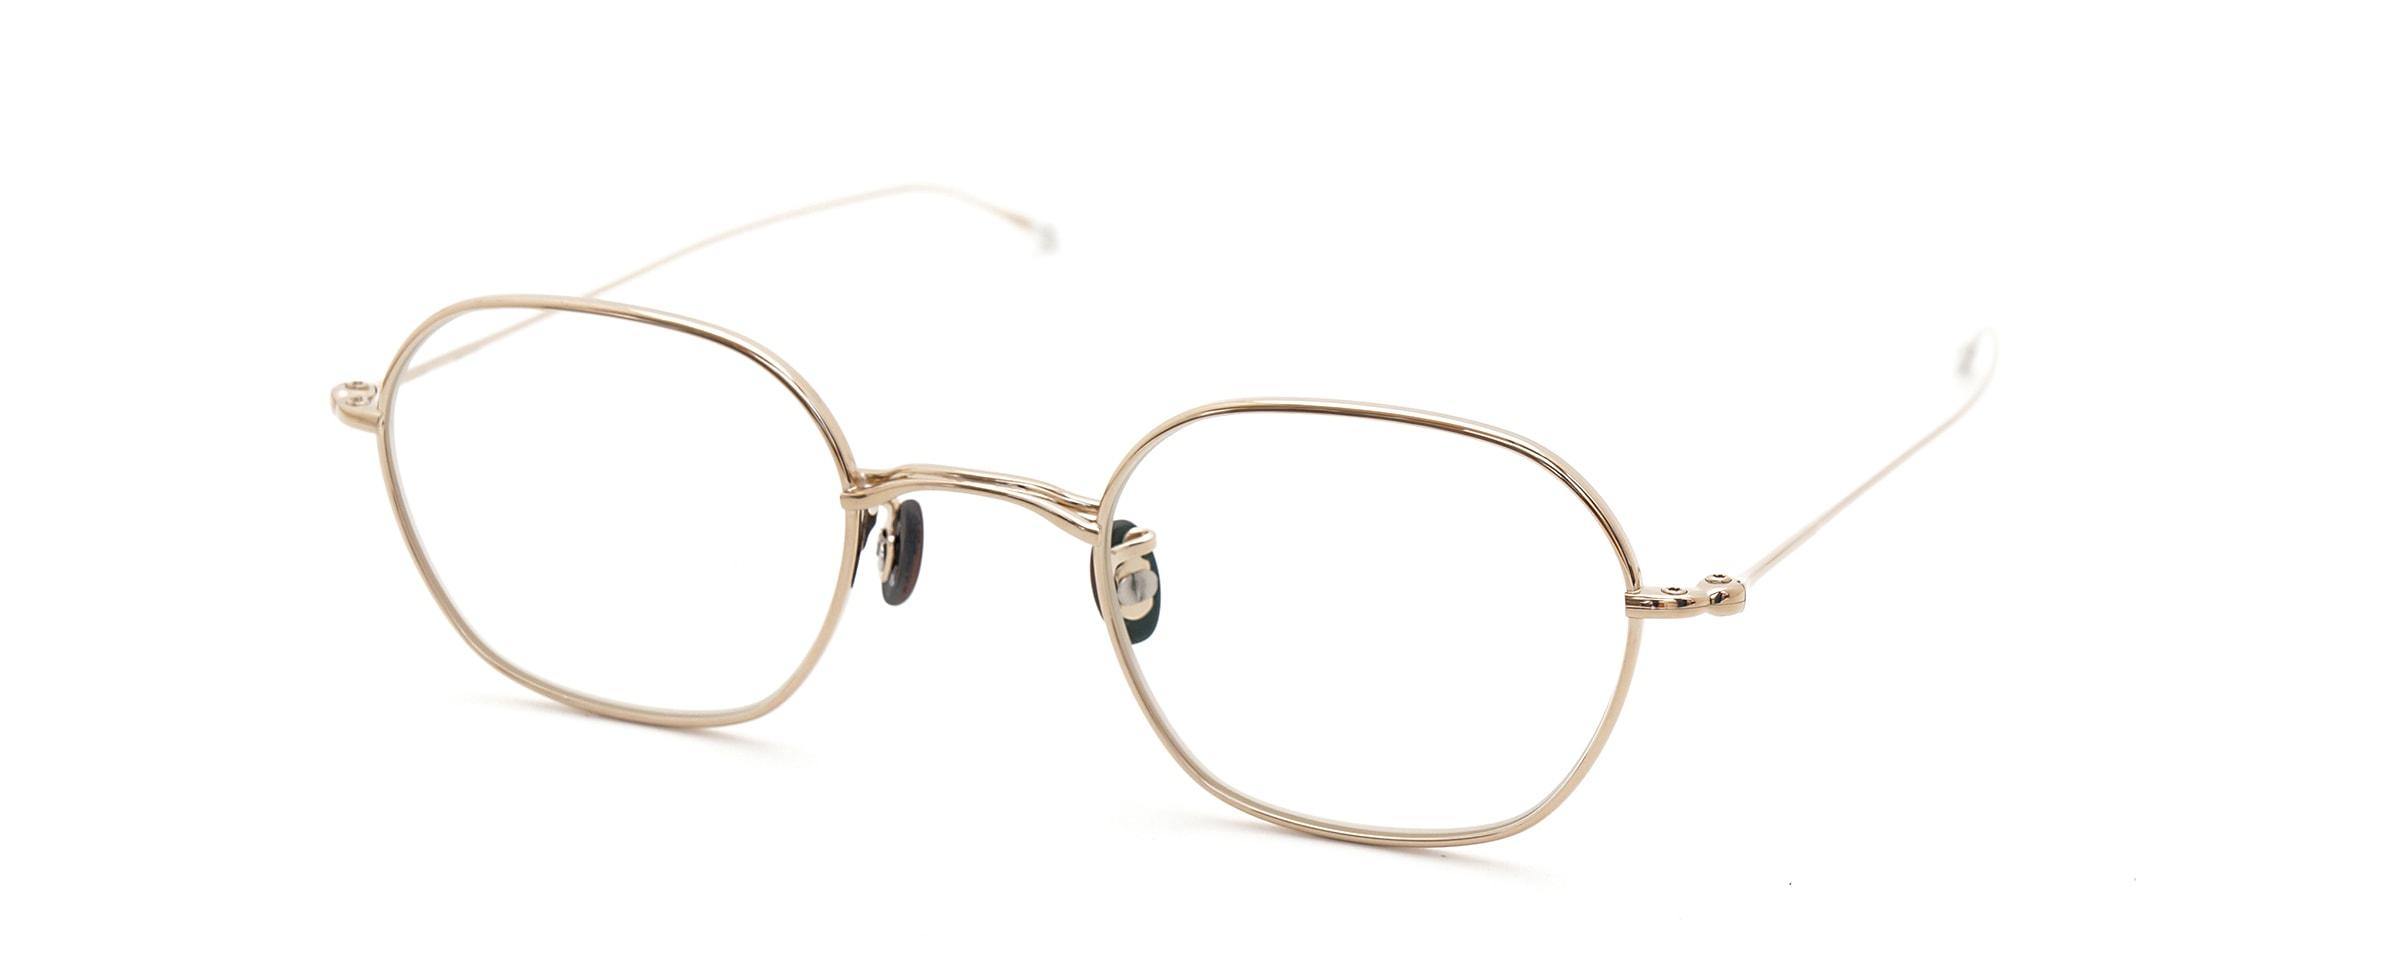 10 eyevan NO.2 2S-CL全体像